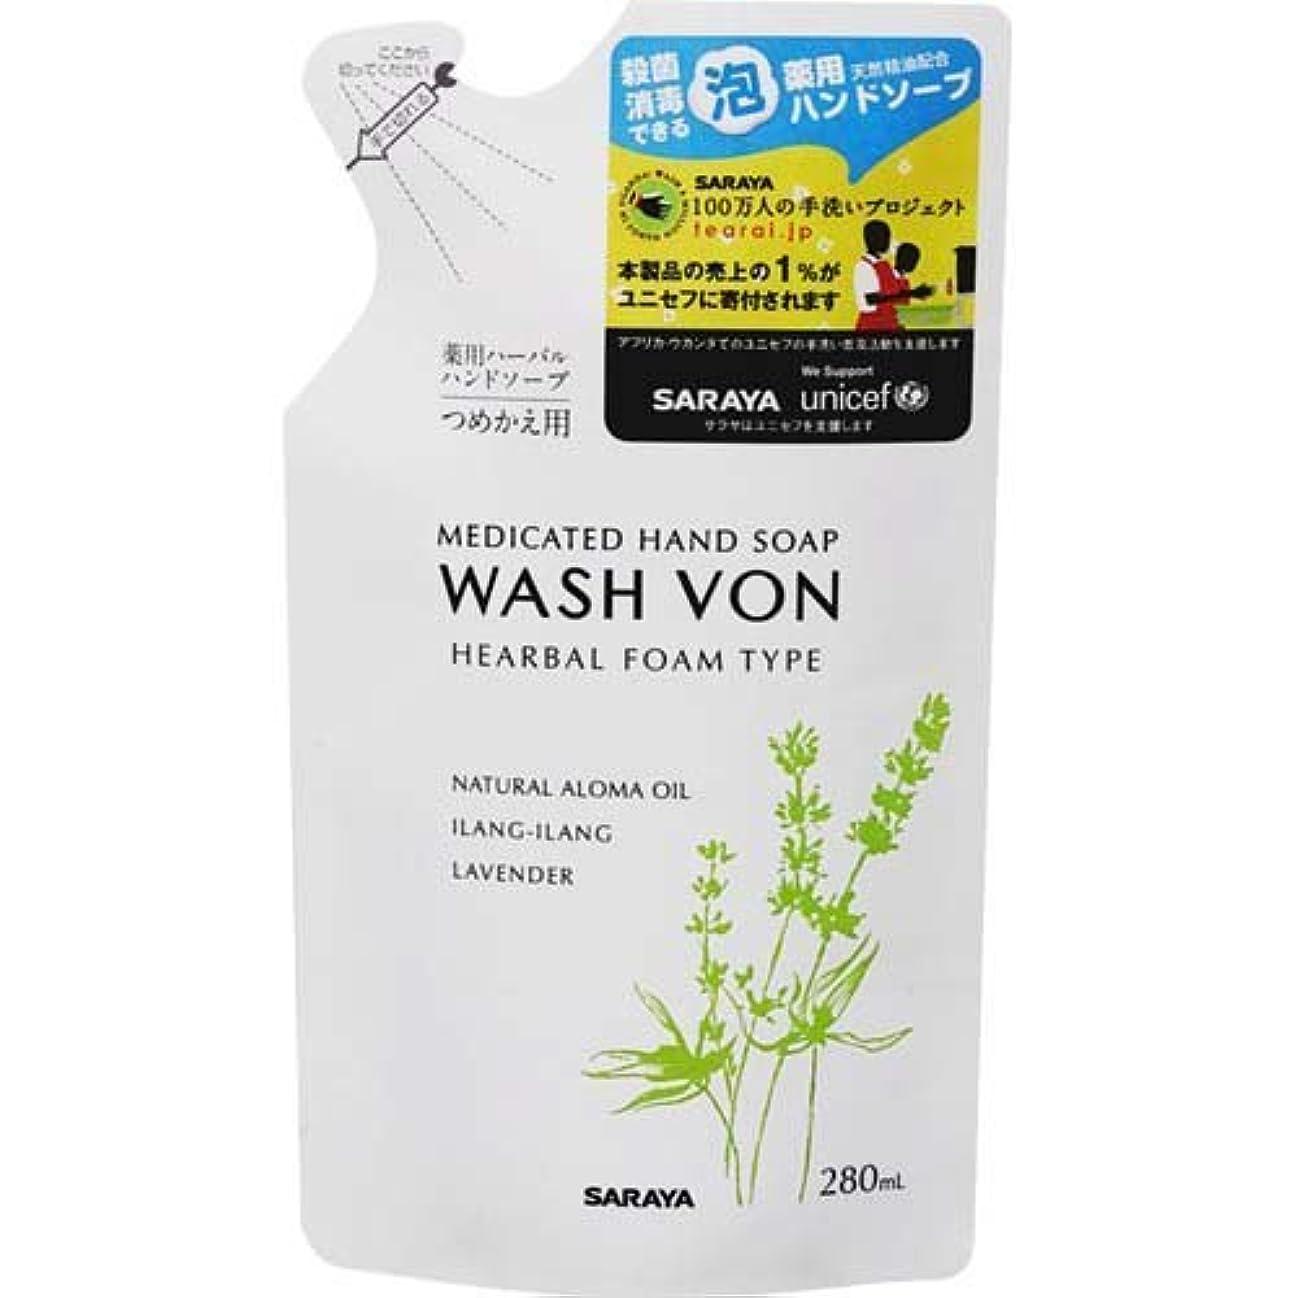 現在感じ縮約WASH VONハーバル薬用ハンドソープ 詰替 280ml × 3個